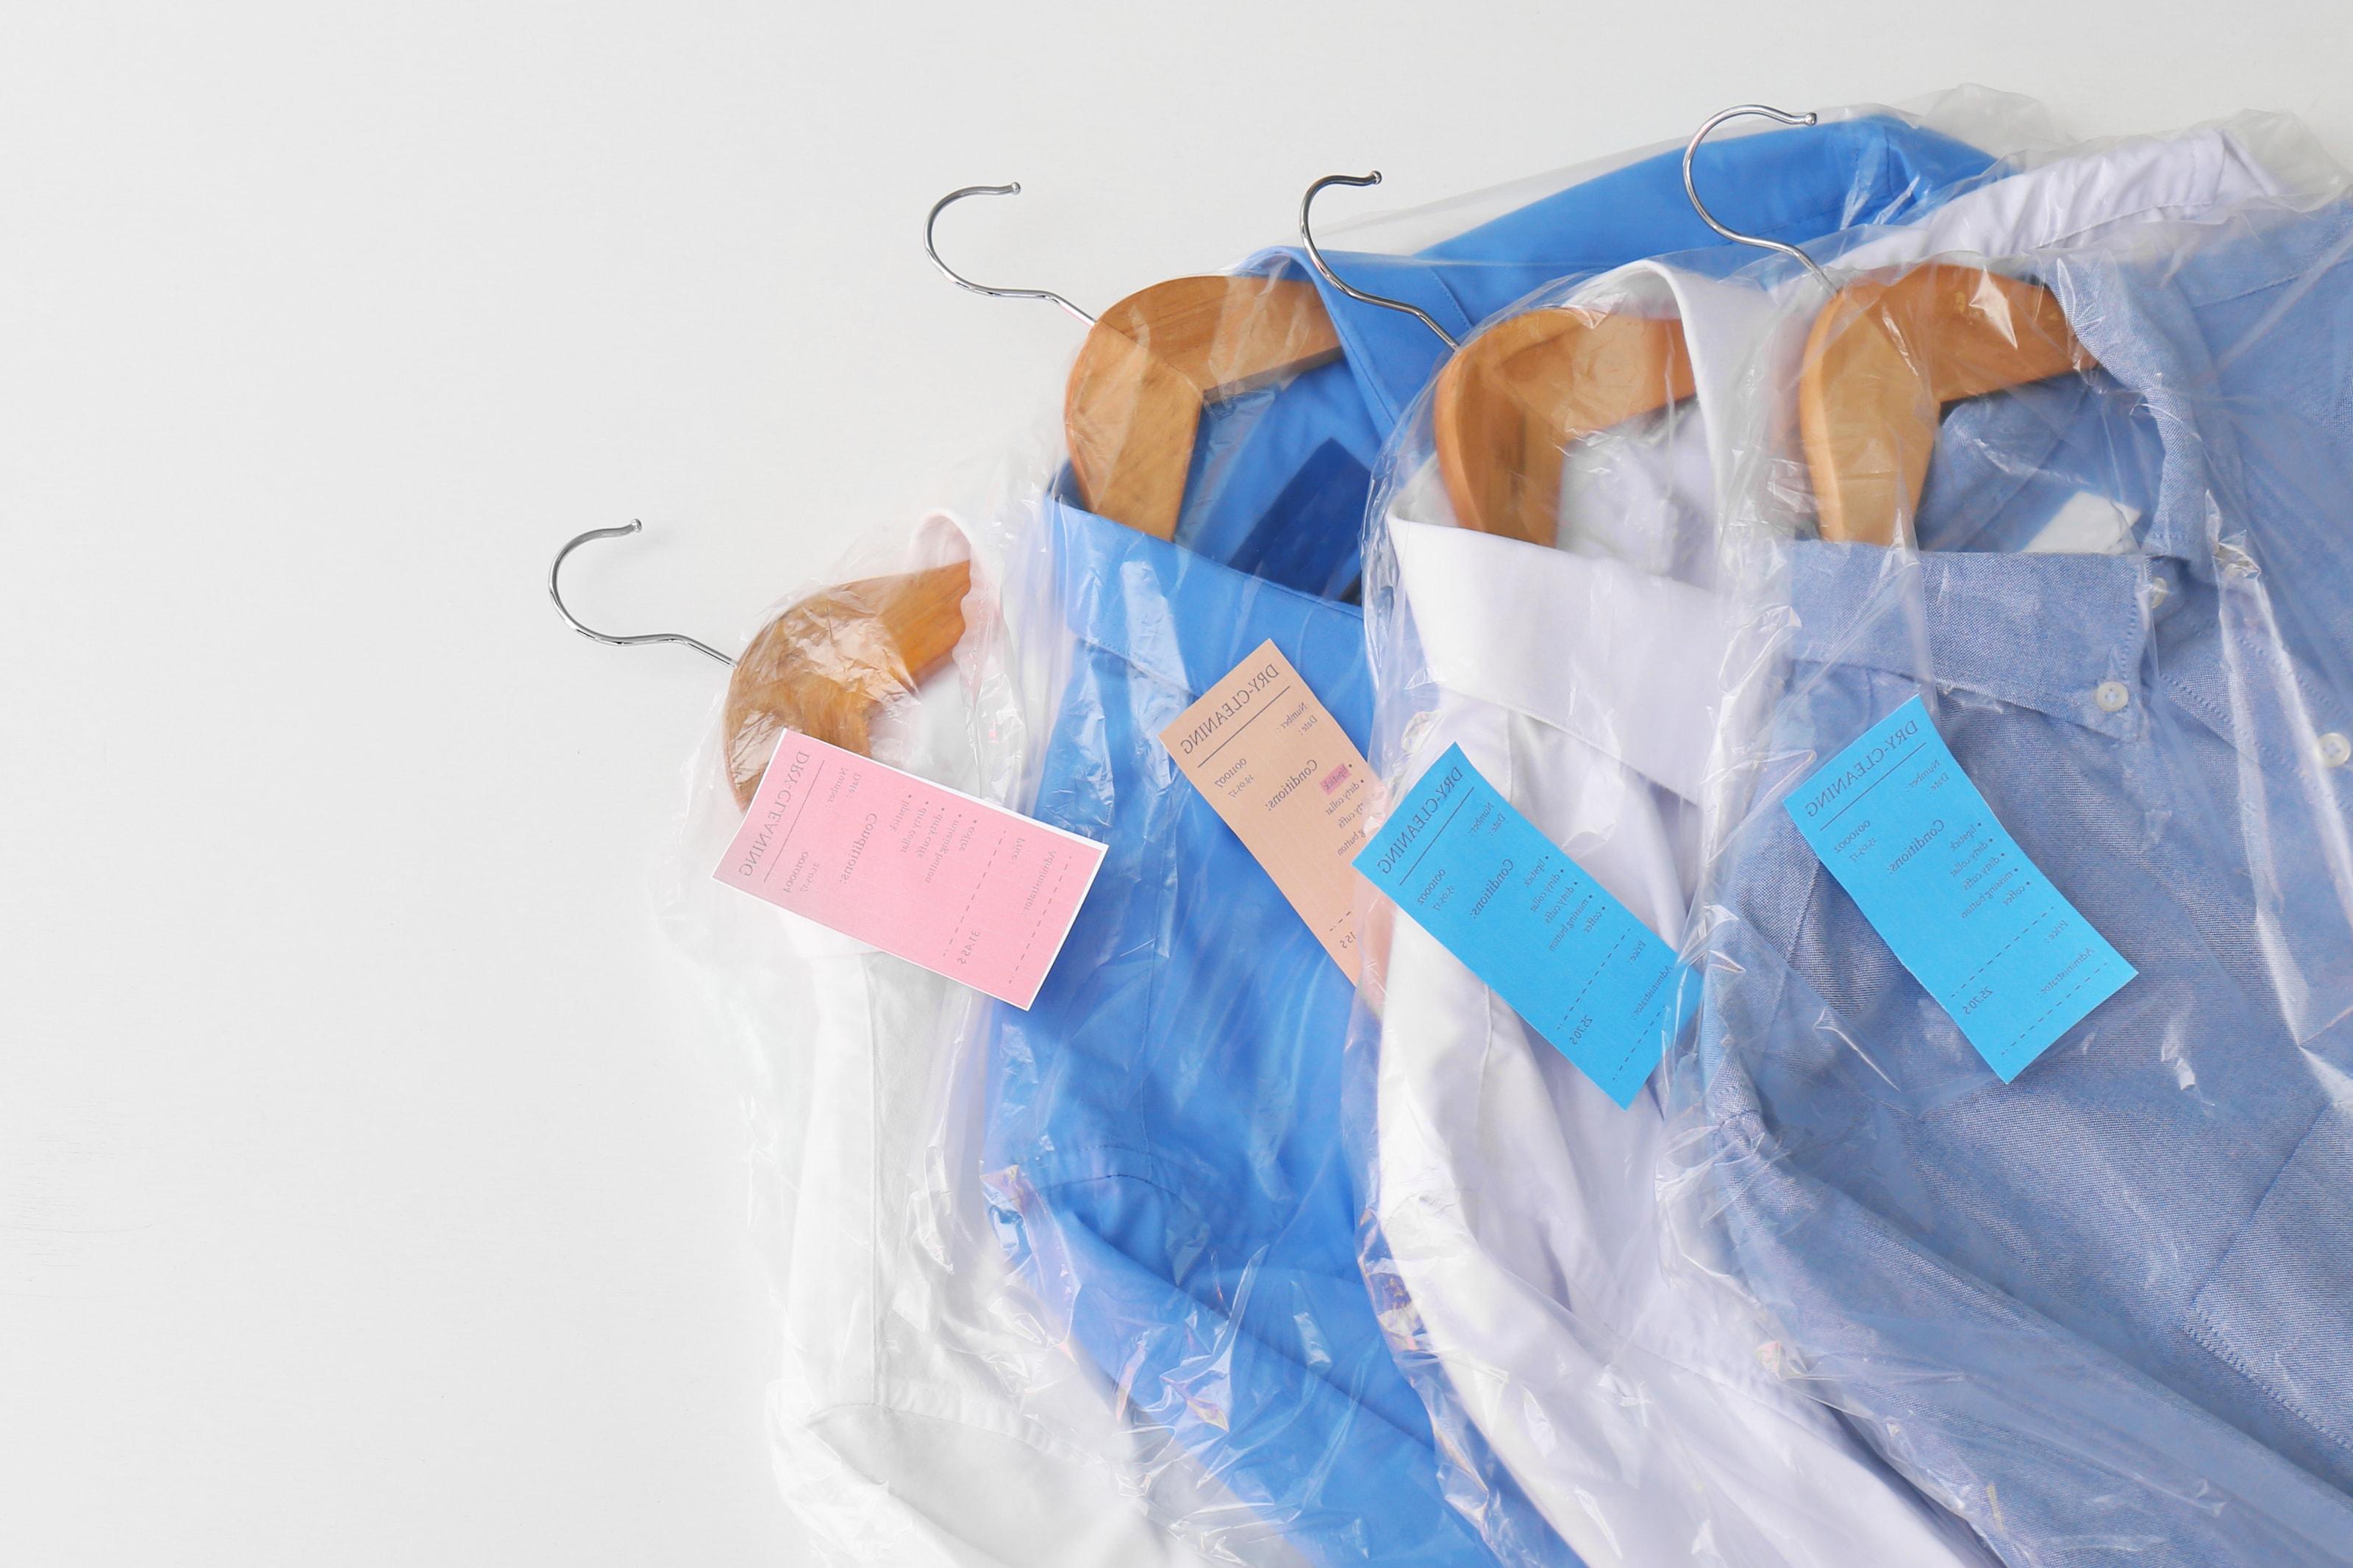 Presentkort för halva priset på kemtvätt